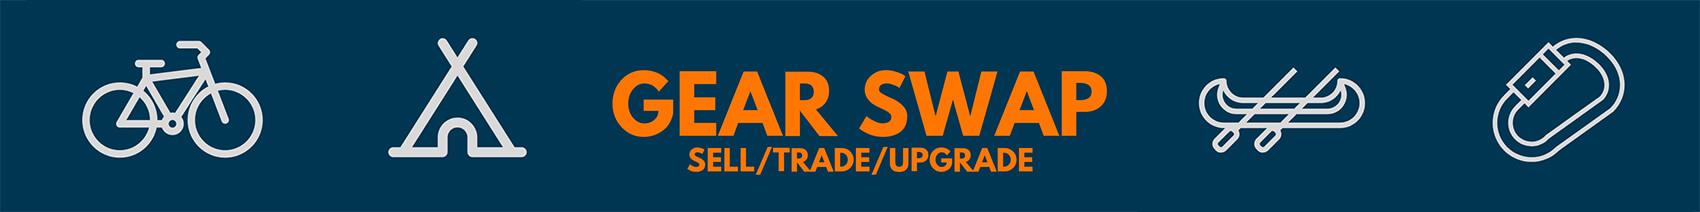 Gear-Swap.jpg